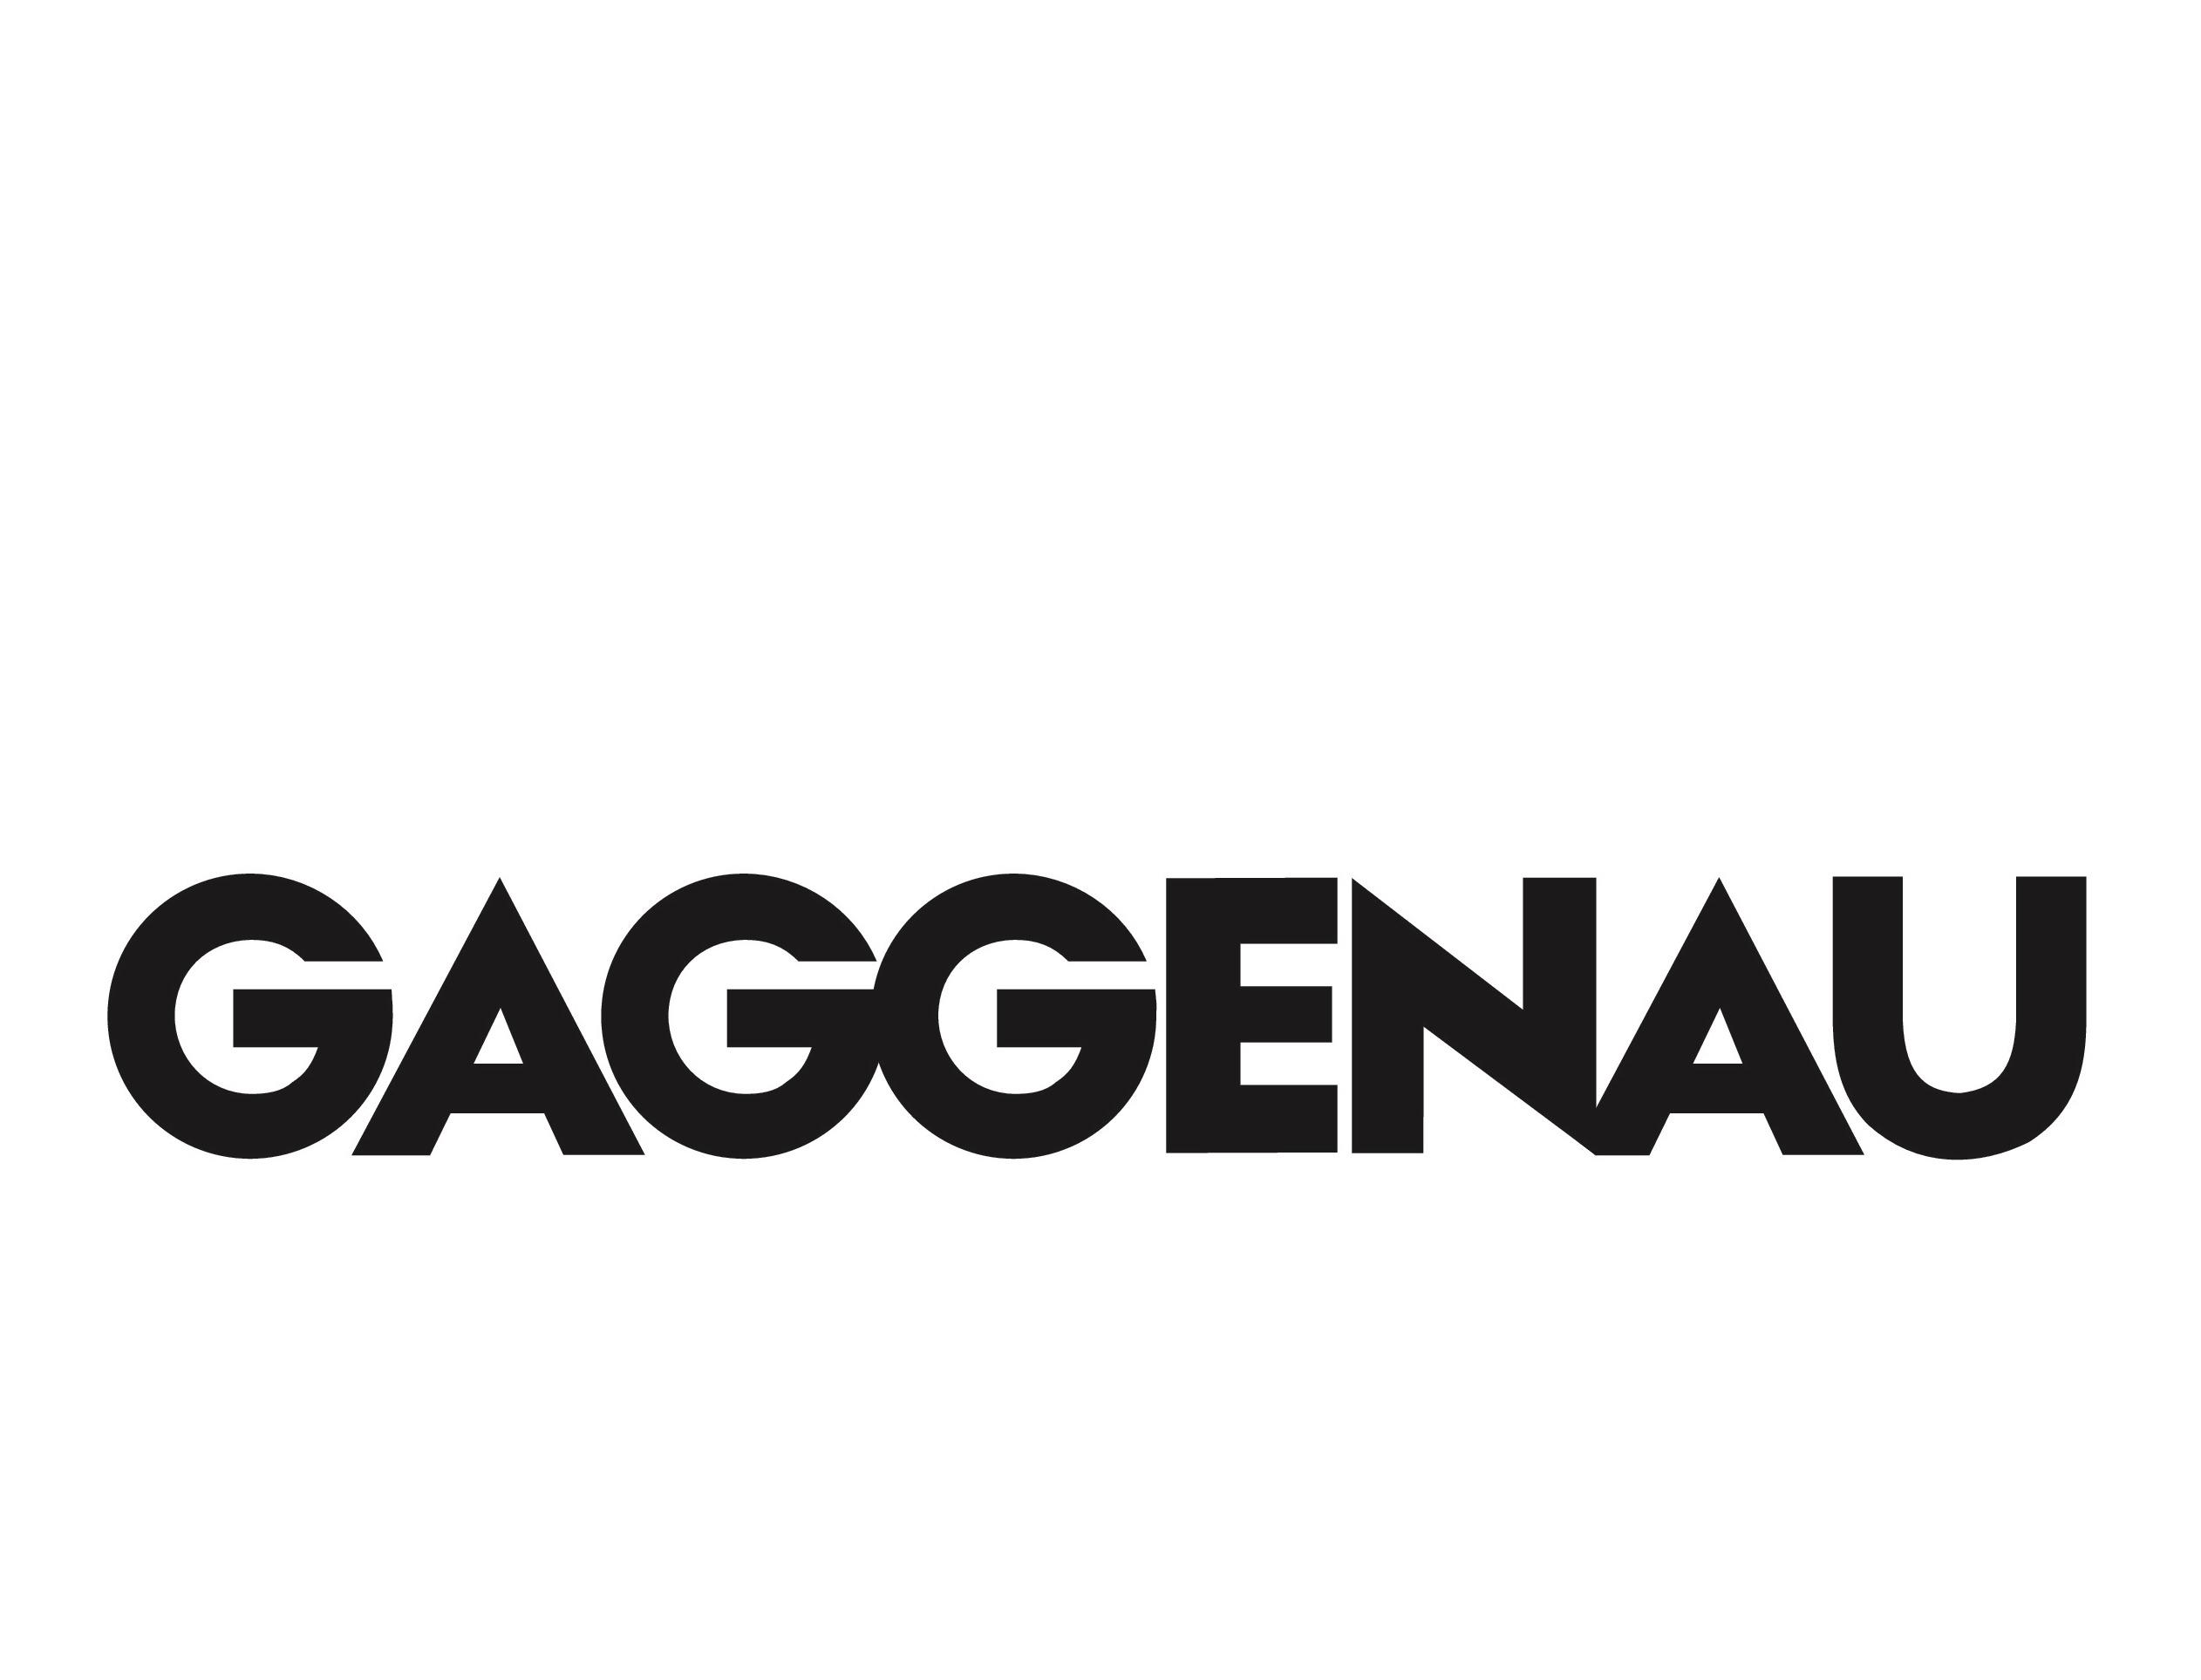 GAGGENAU-1.jpg